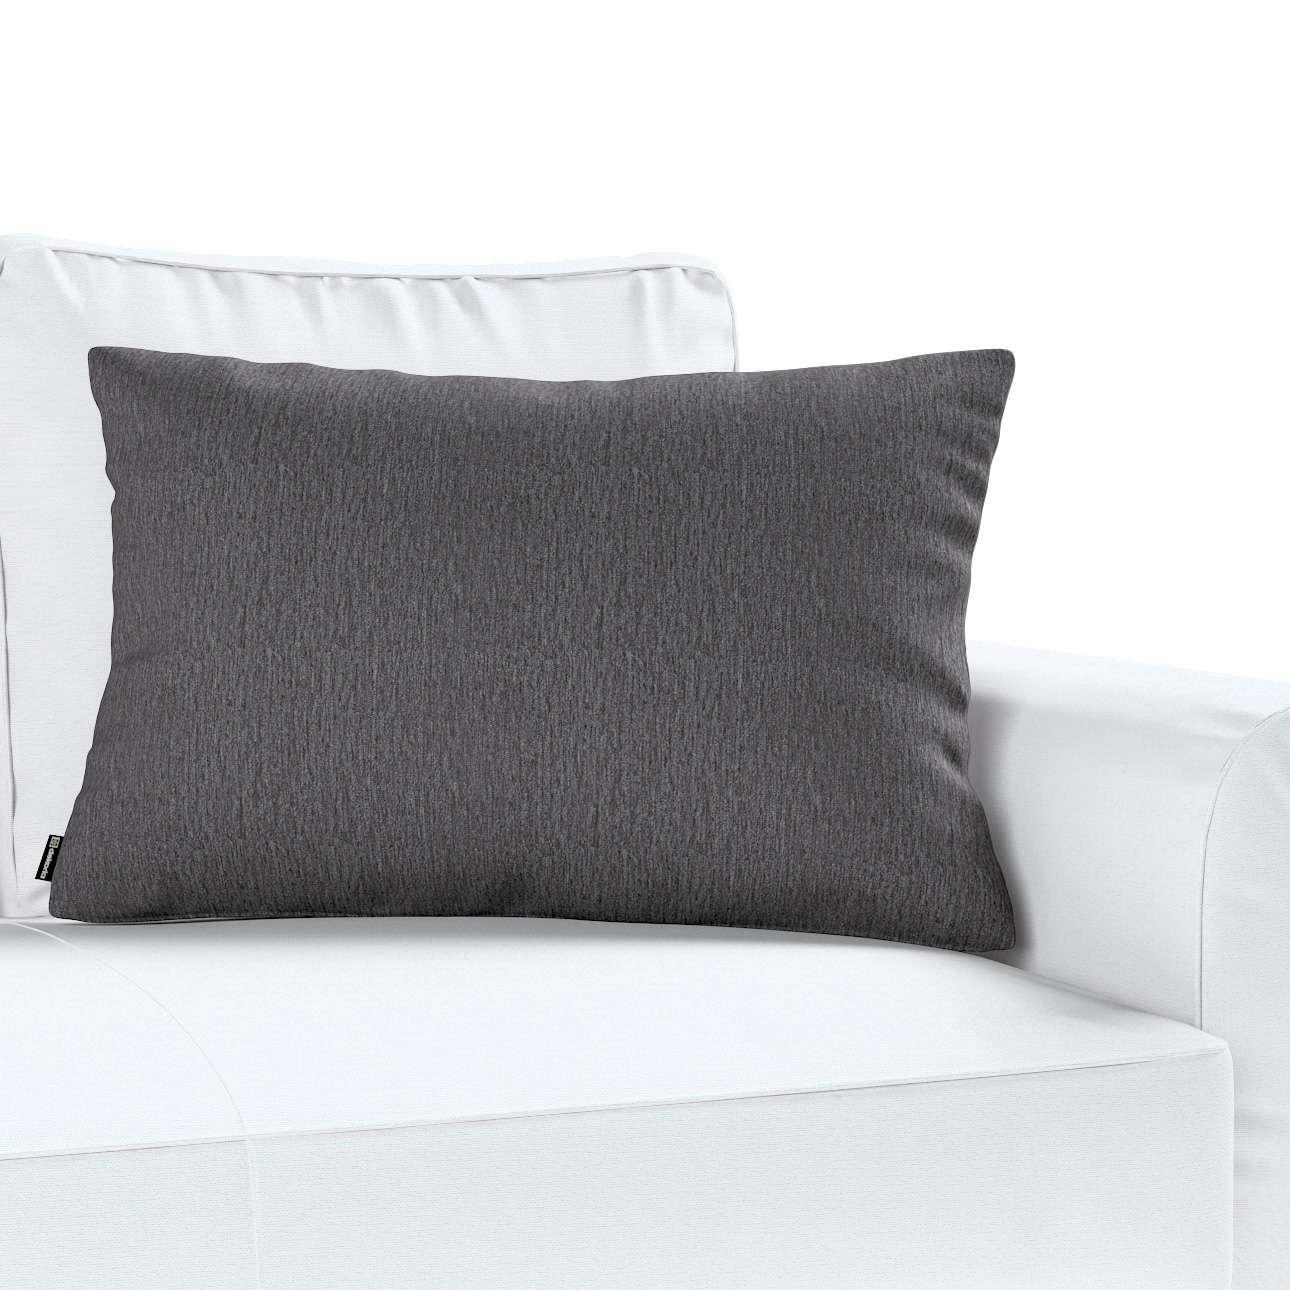 Poszewka Kinga na poduszkę prostokątną 60 x 40 cm w kolekcji Chenille, tkanina: 702-20